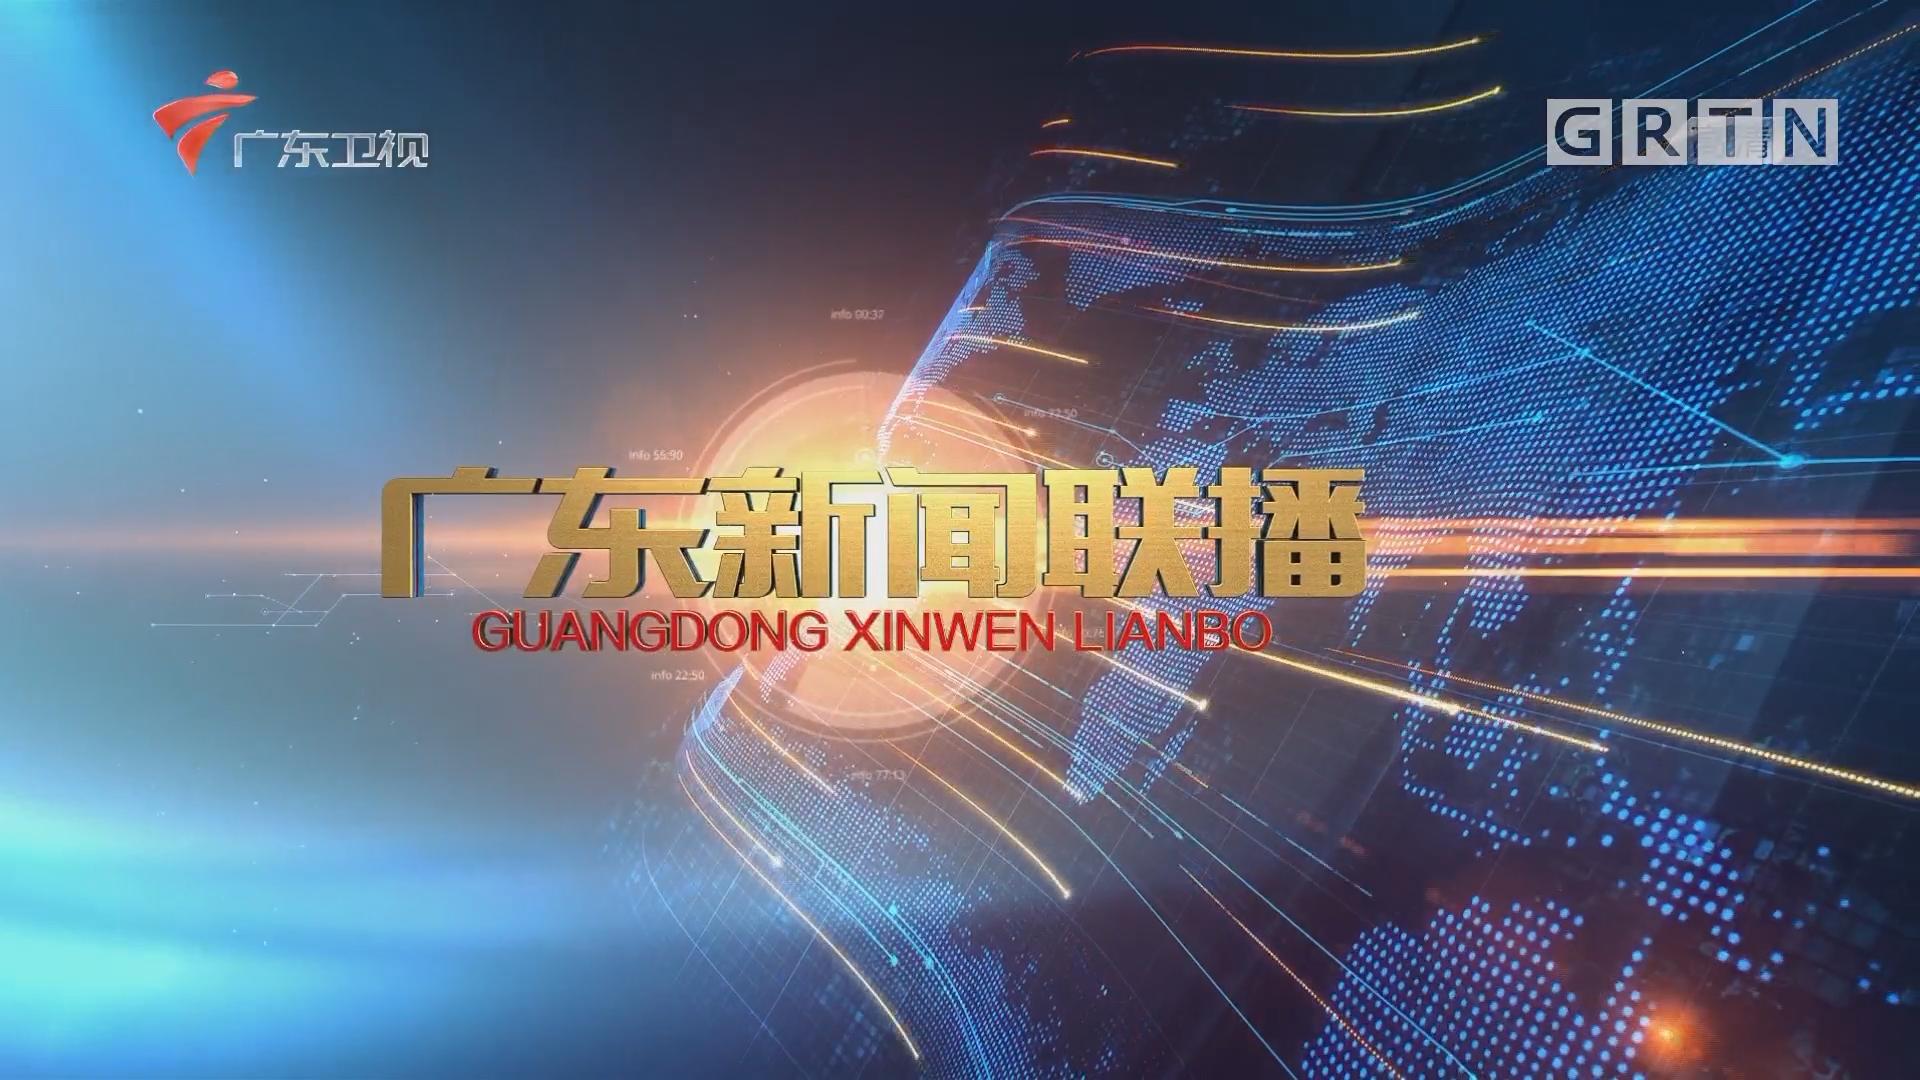 [HD][2018-03-20]广东新闻联播:十三届全国人大一次会议在京闭幕 习近平发表重要讲话